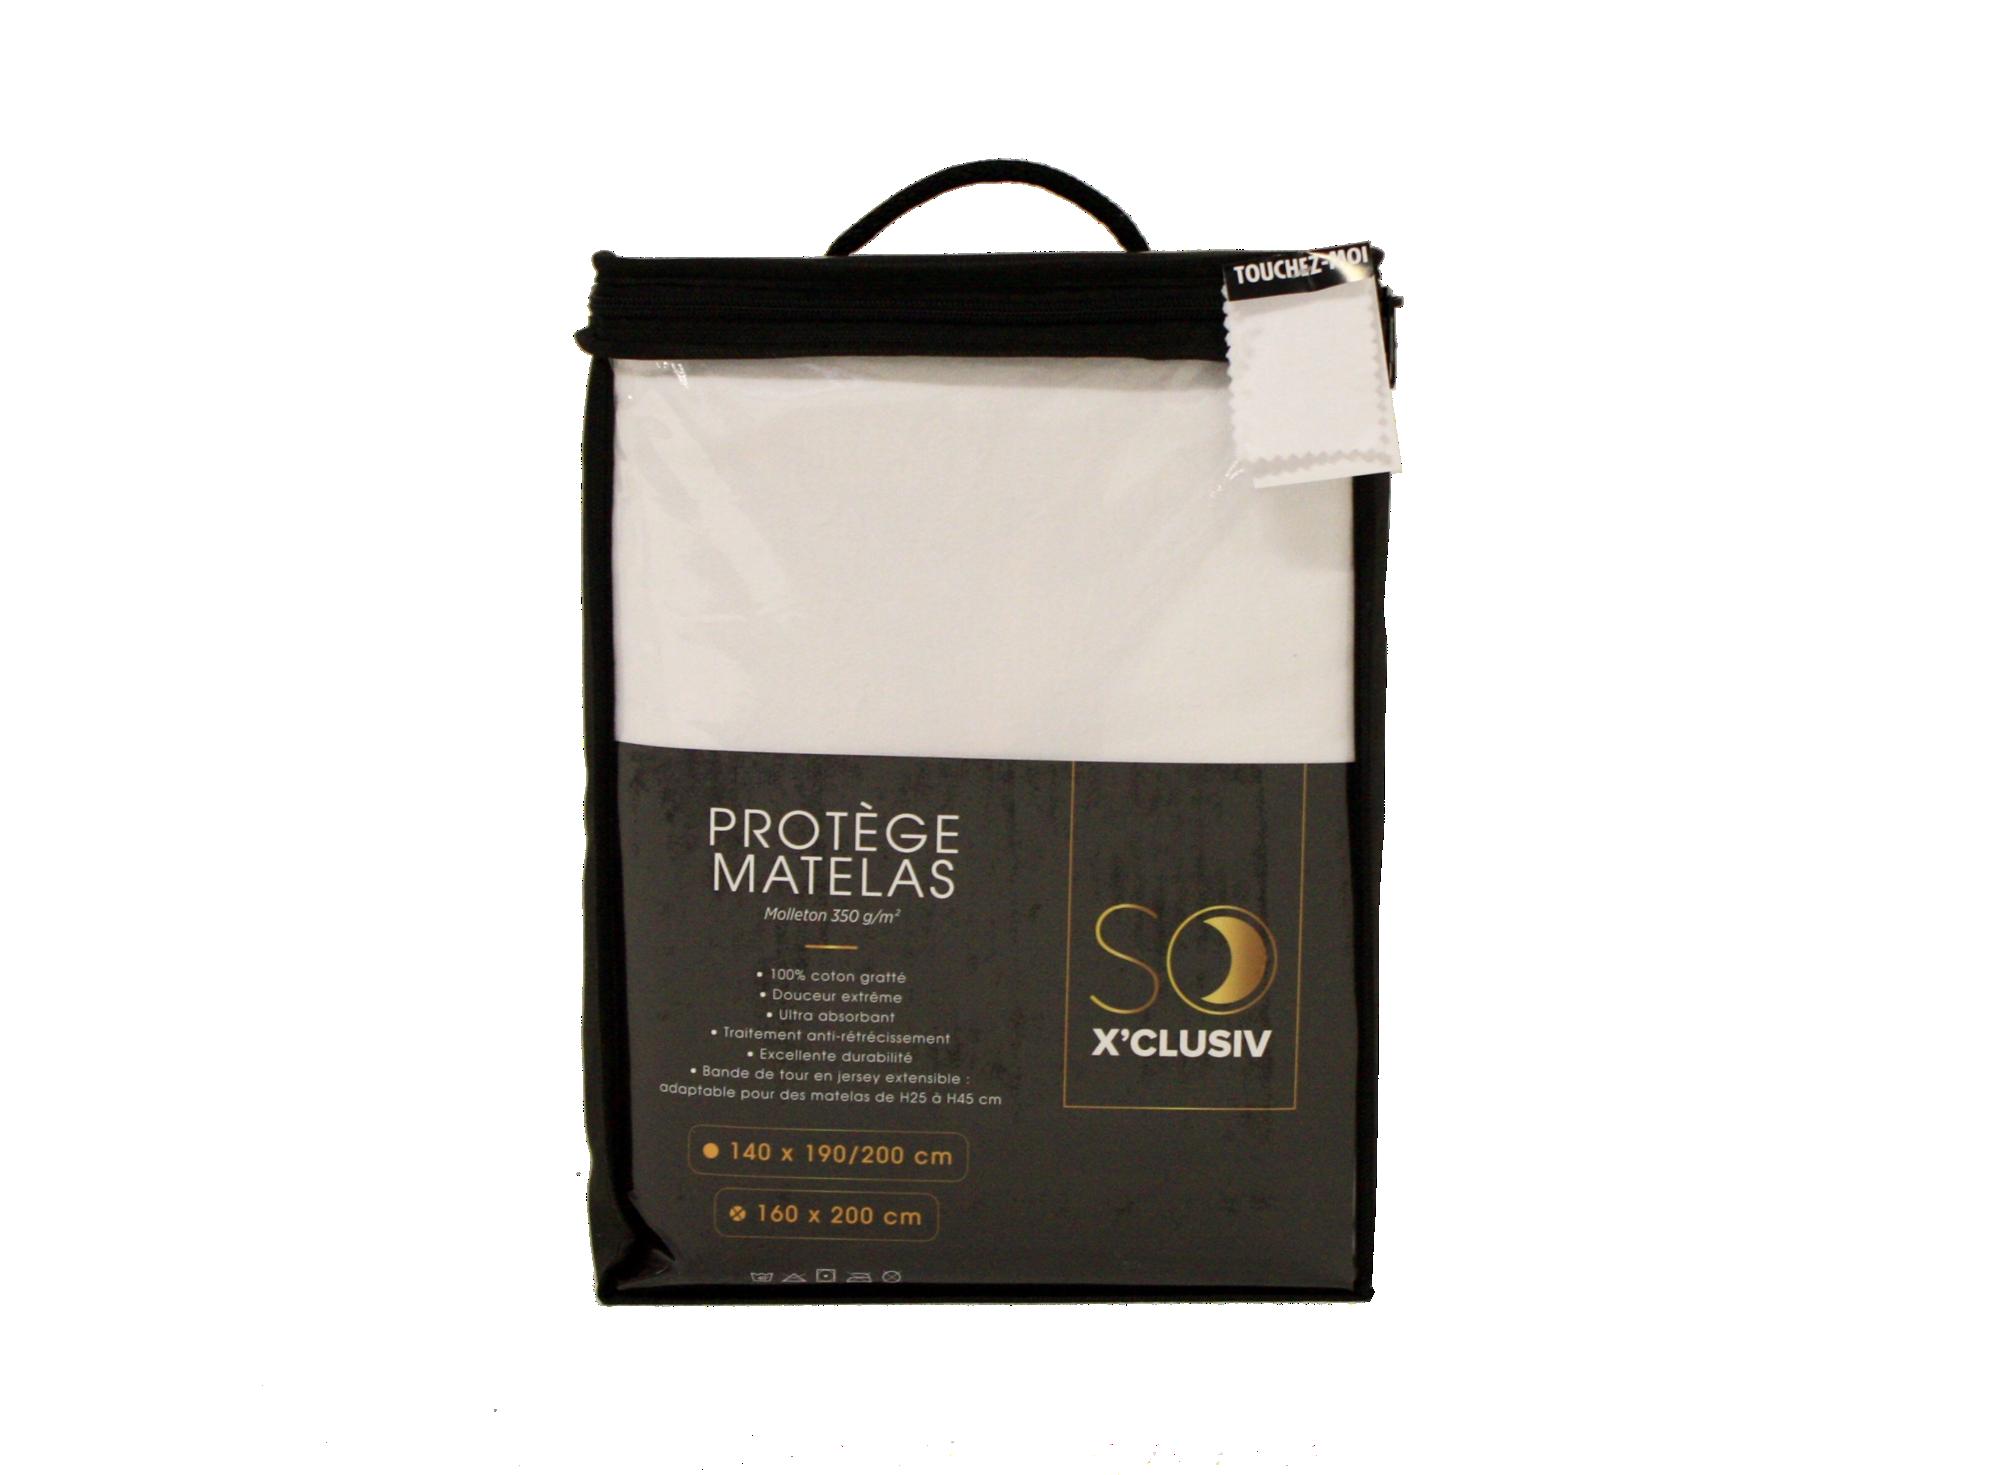 Protege matelas en molleton d350 g/m2. 100 % coton gratte.  bande de  ...